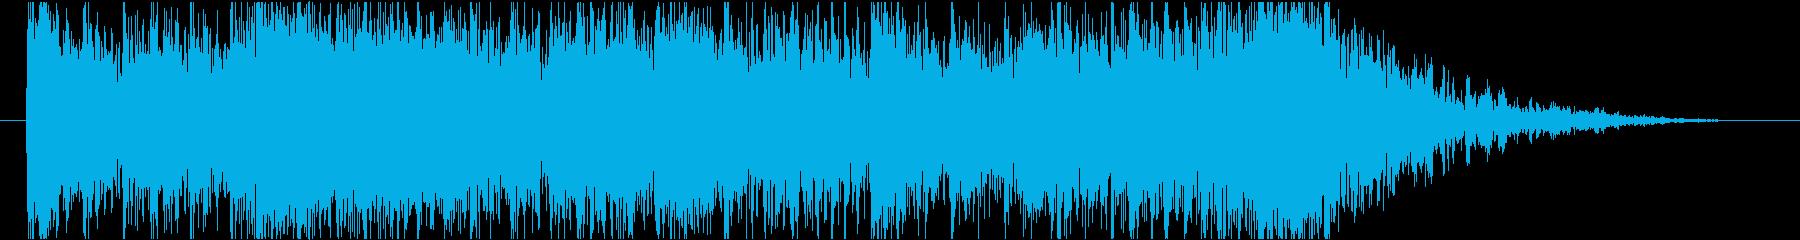 【オーケストラ】敵からの逃走・脱出の再生済みの波形